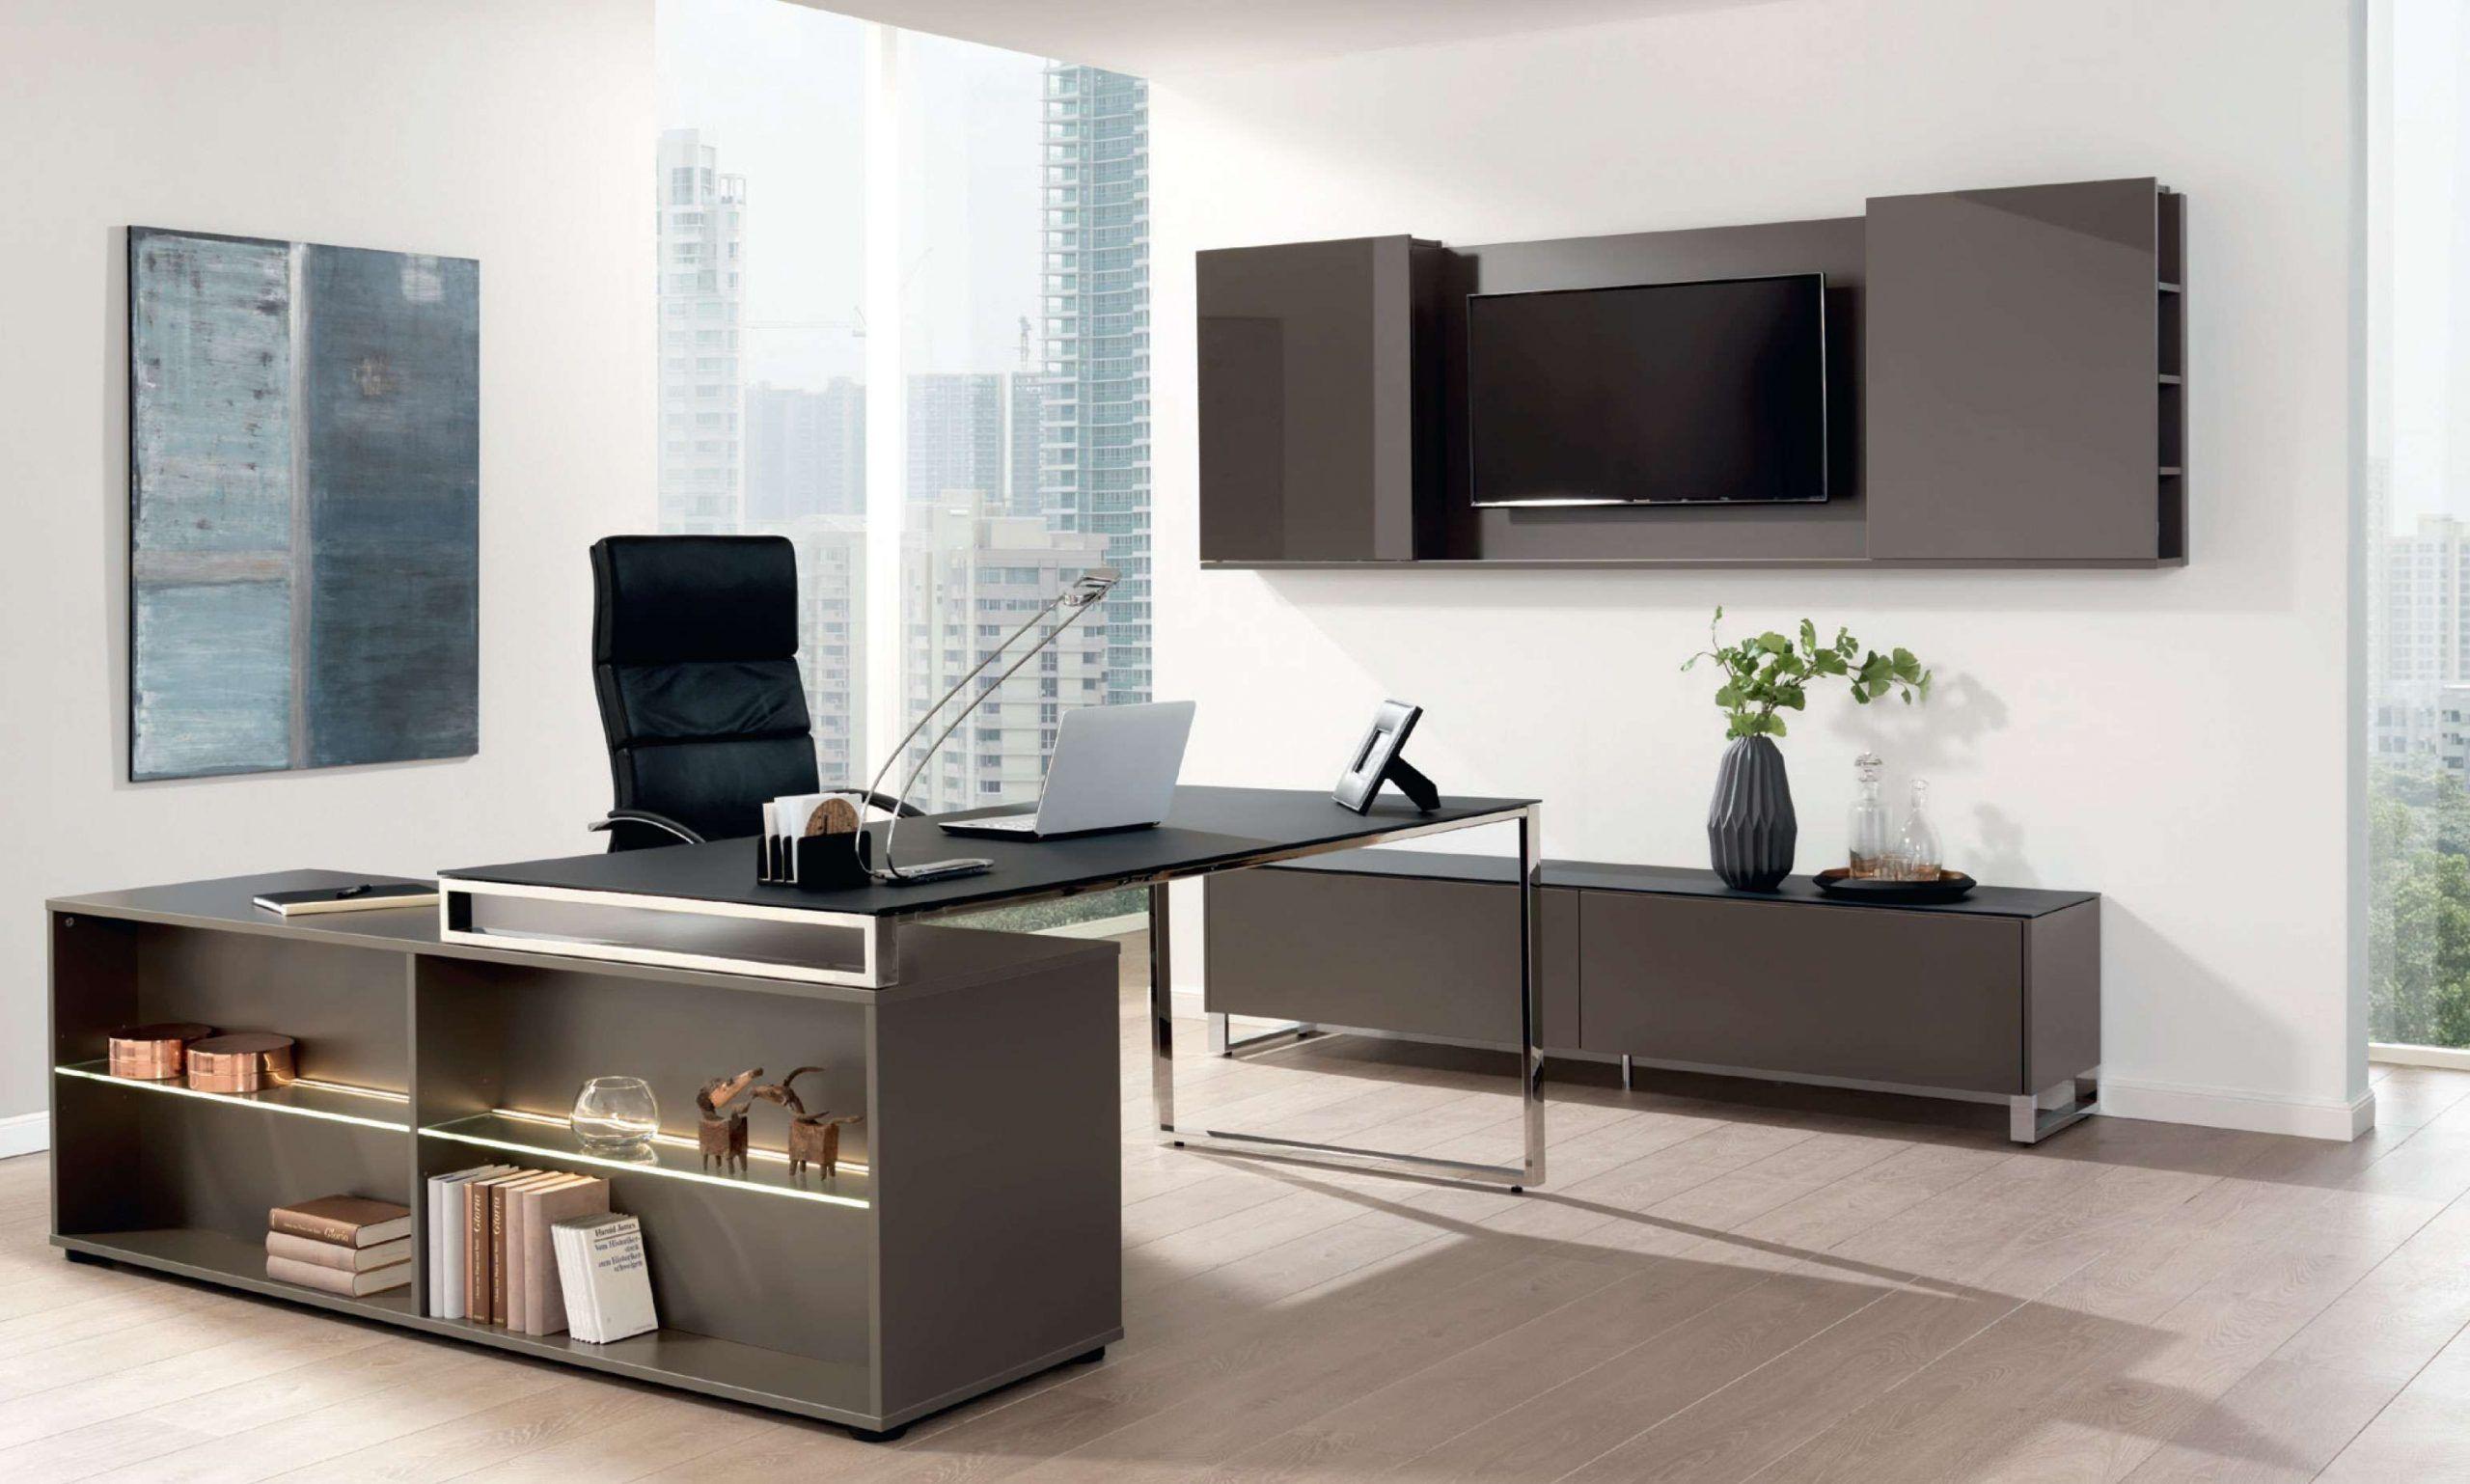 14 Wohnzimmermobel Gunstig Online Kaufen Ideas In 2020 Wohnzimmermobel Wohnzimmer Wolle Kaufen